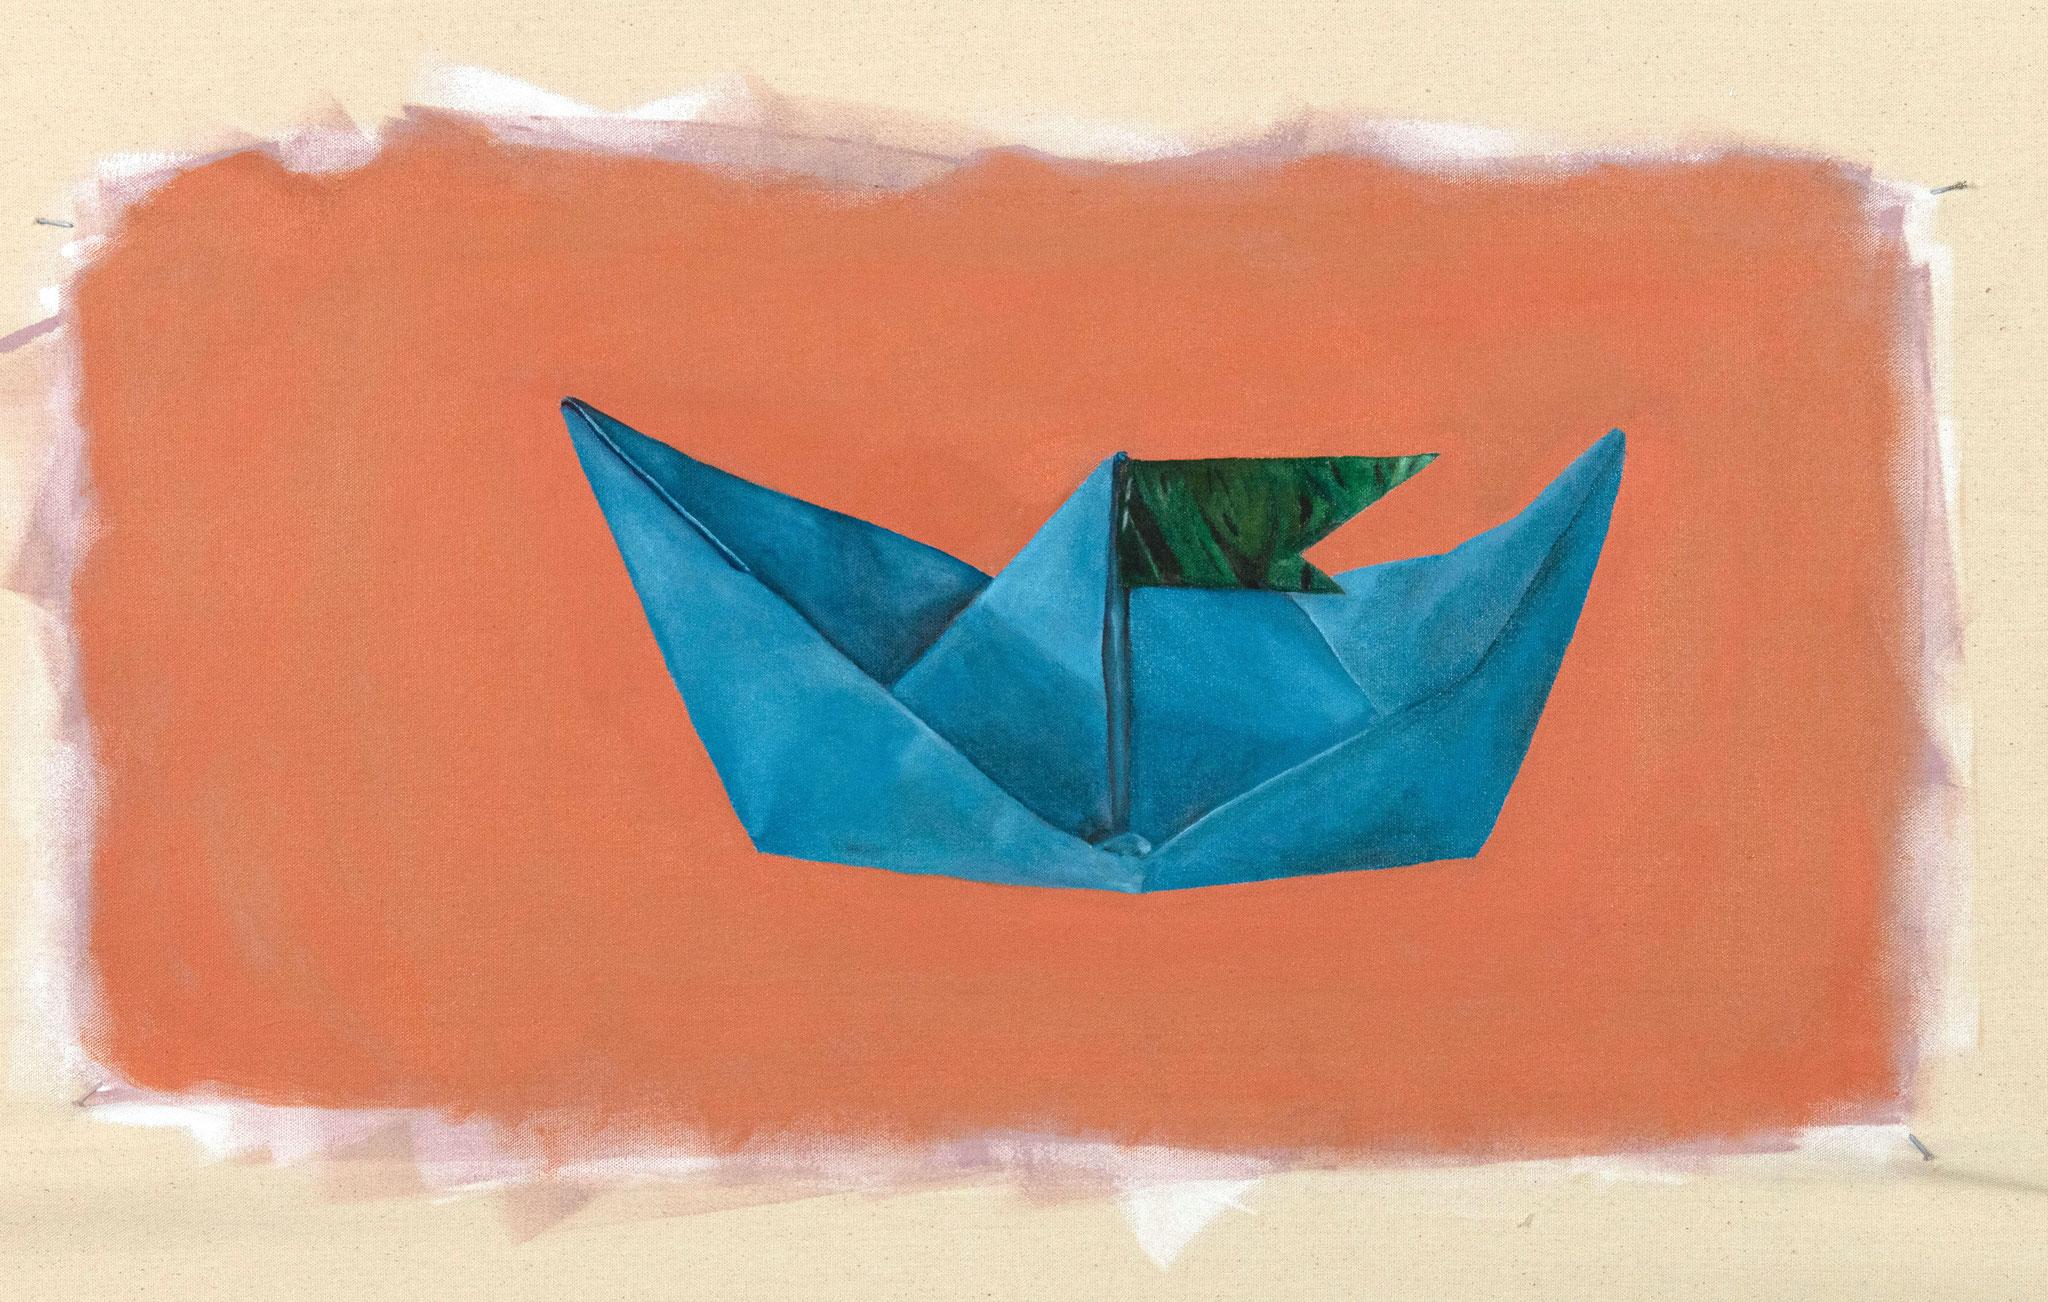 Sorami - origami boat.